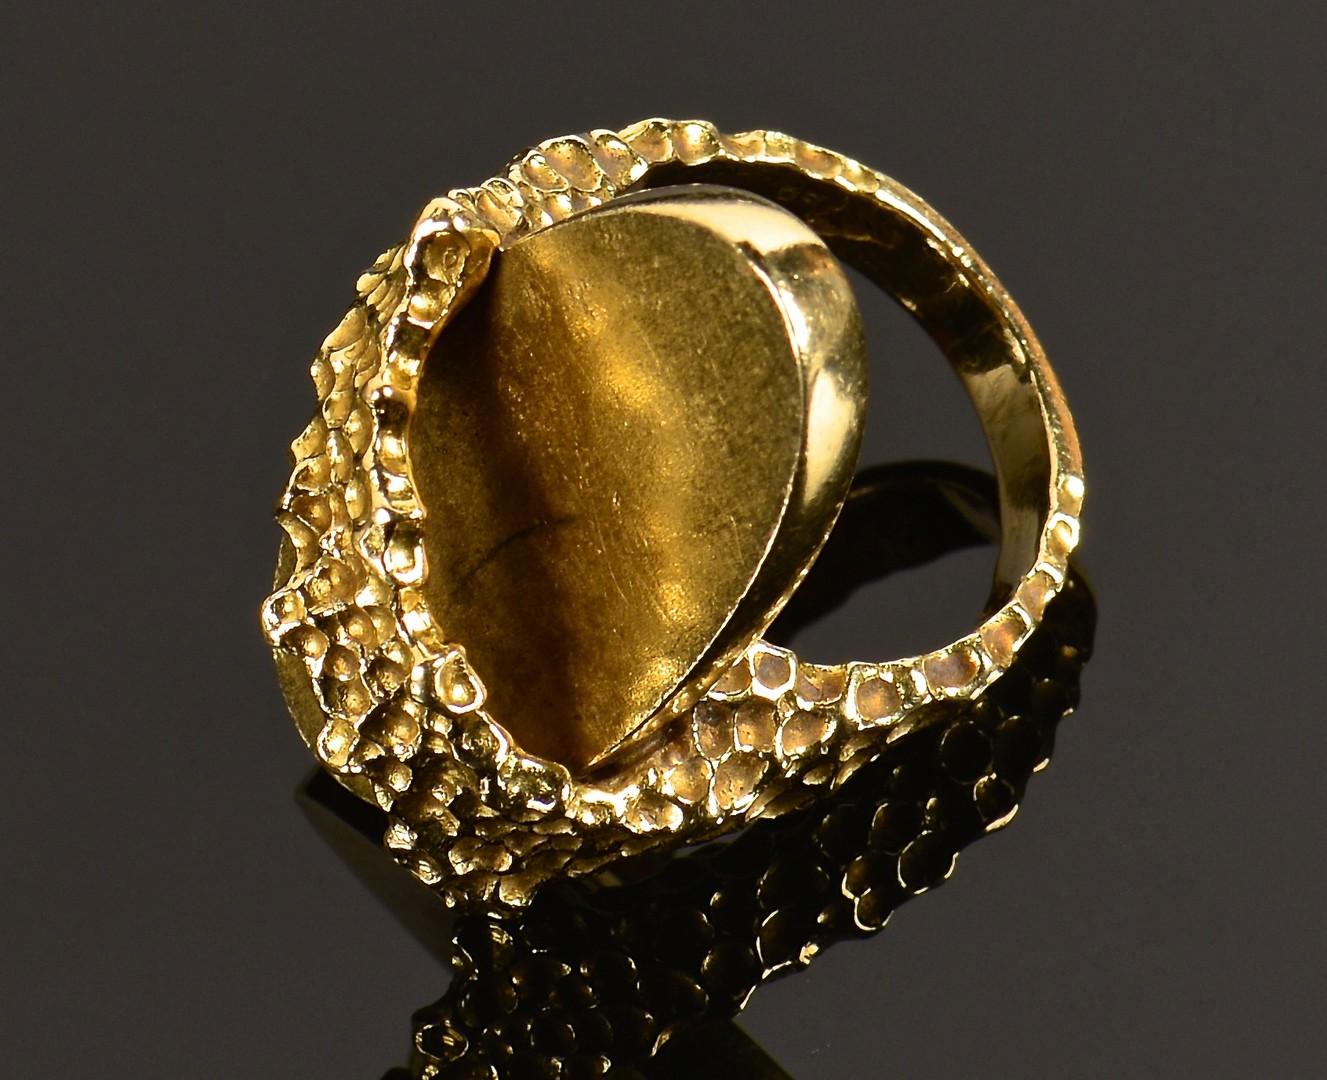 Lot 585: 14K Pencil Holder, Necklace, 18K ring